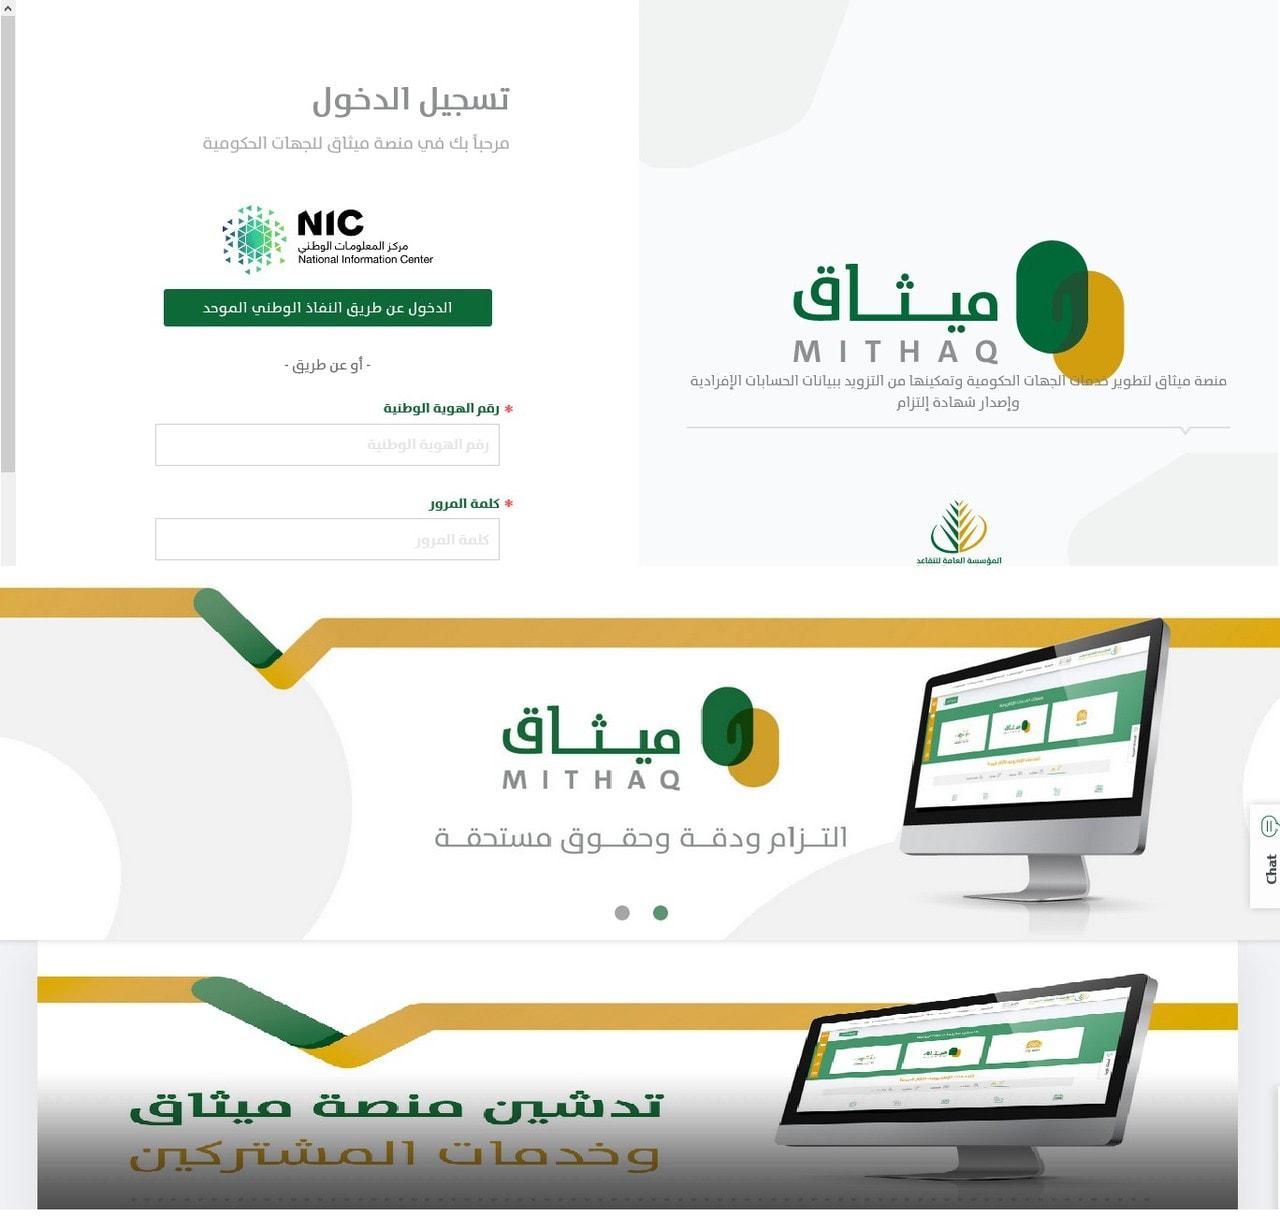 رابط التسجيل في منصة ميثاق 1442 خطوات mithaq.pension.gov.sa